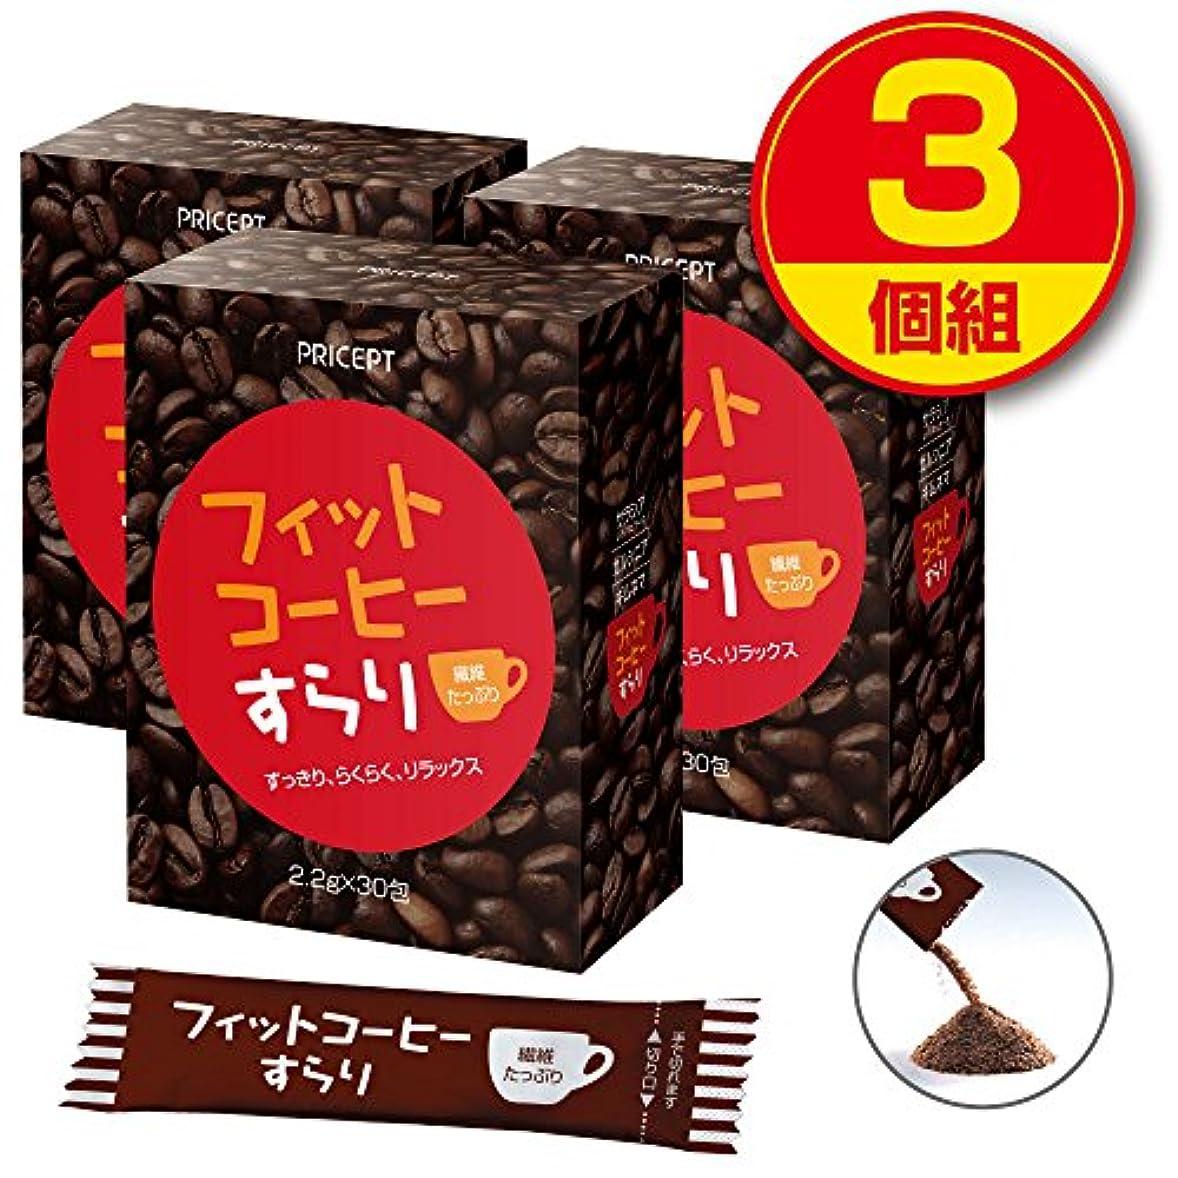 かんたんひまわりリフトプリセプト フィットコーヒーすらり 30包【3個組(90包)】(ダイエットサポートコーヒー)